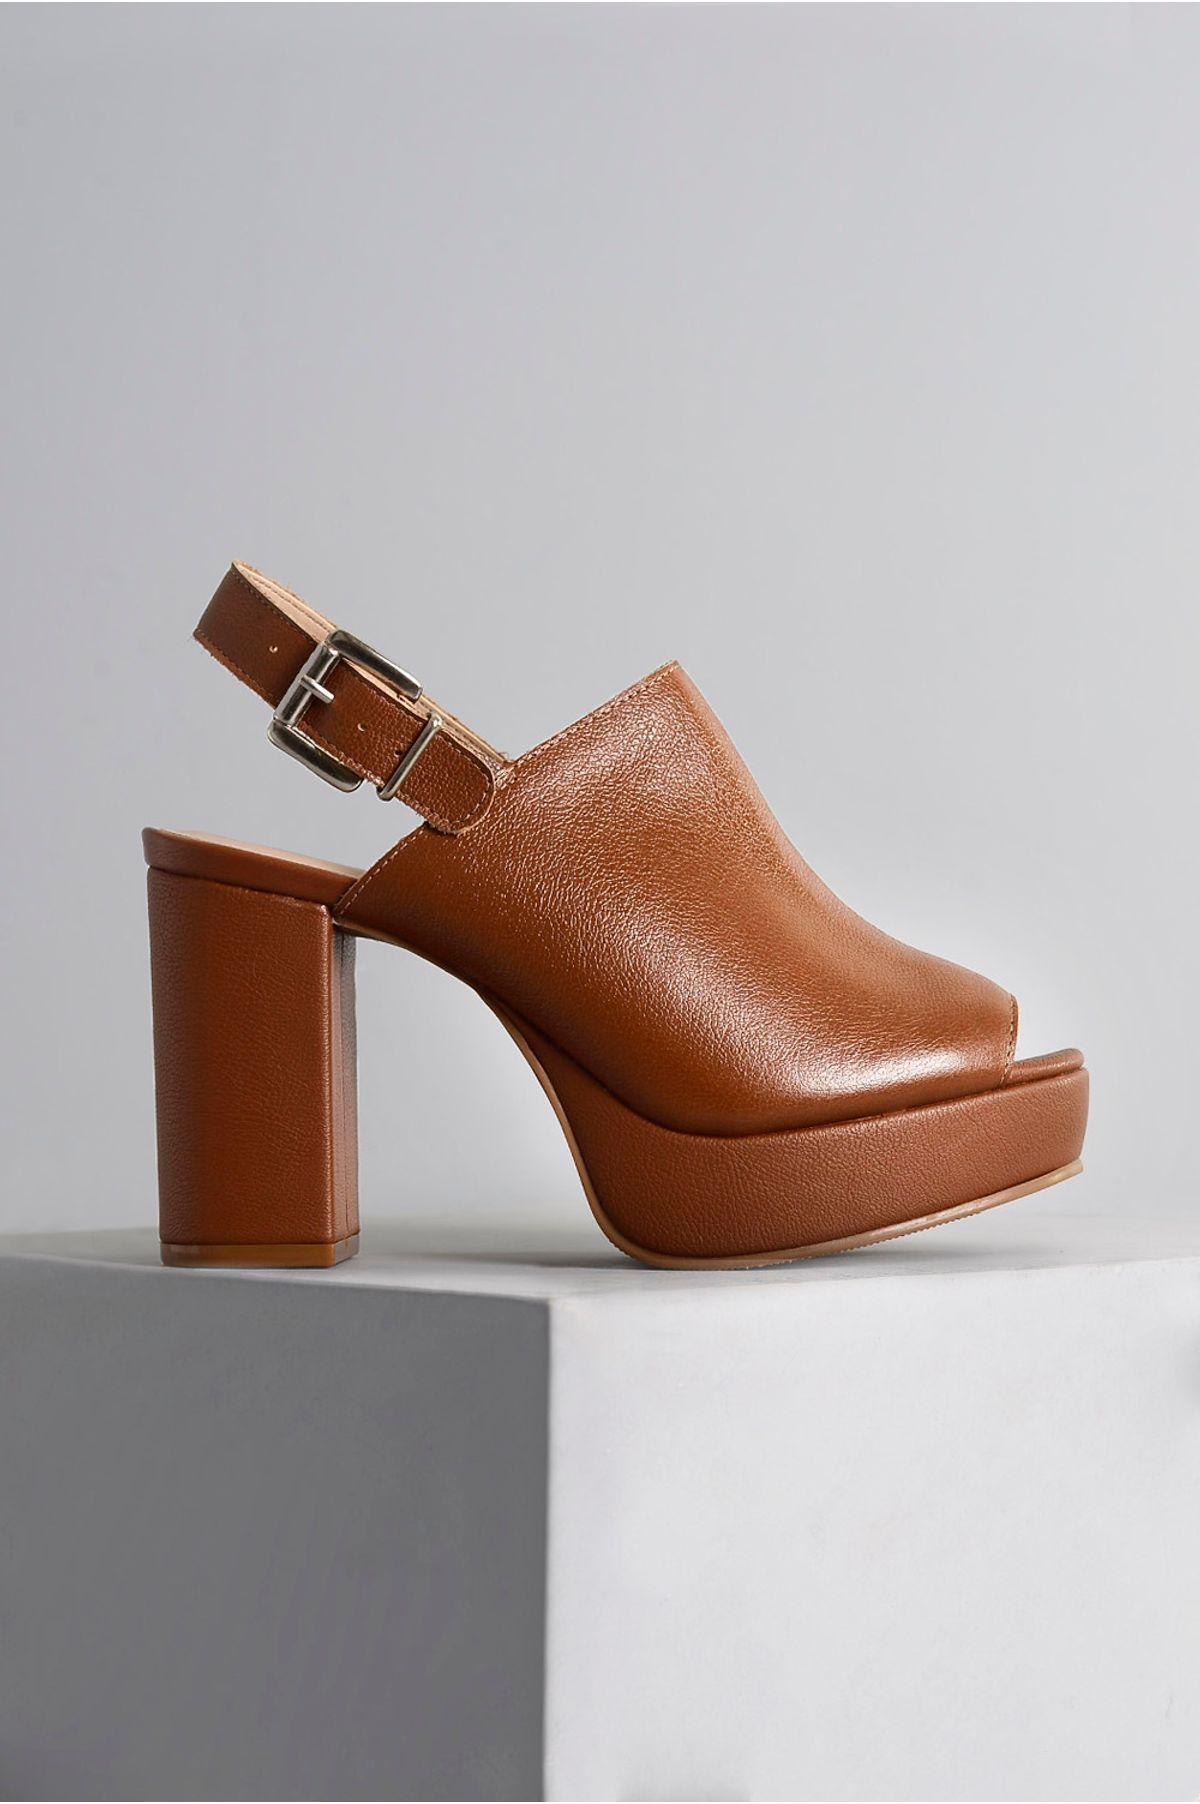 2ded83f60 Sandália Salto Alto Clara Mundial CR-CARAMELO - Mundial Calçados